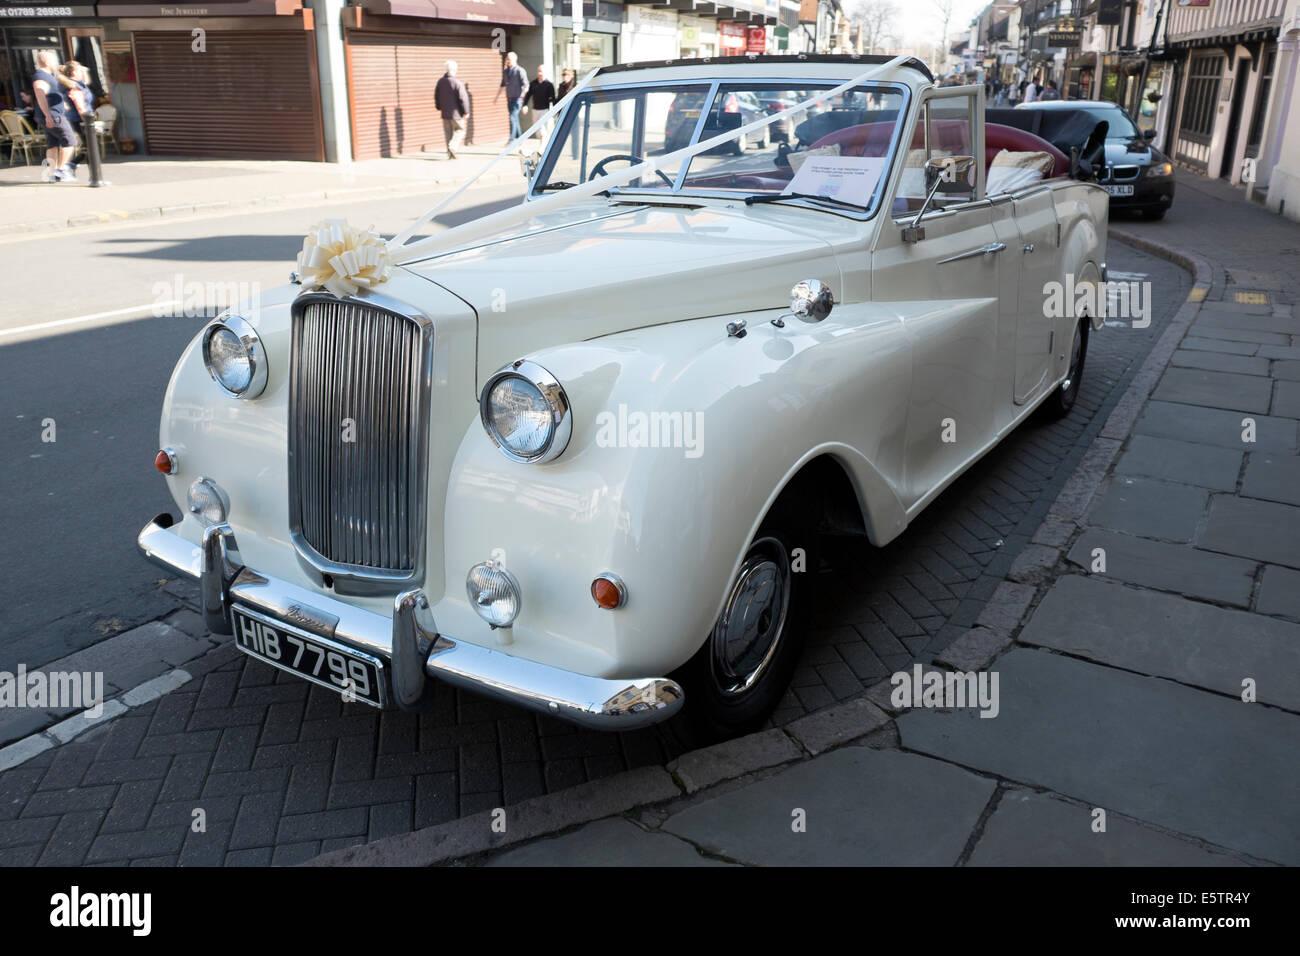 Rolls Royce Wedding Car Stock Photos & Rolls Royce Wedding Car ...